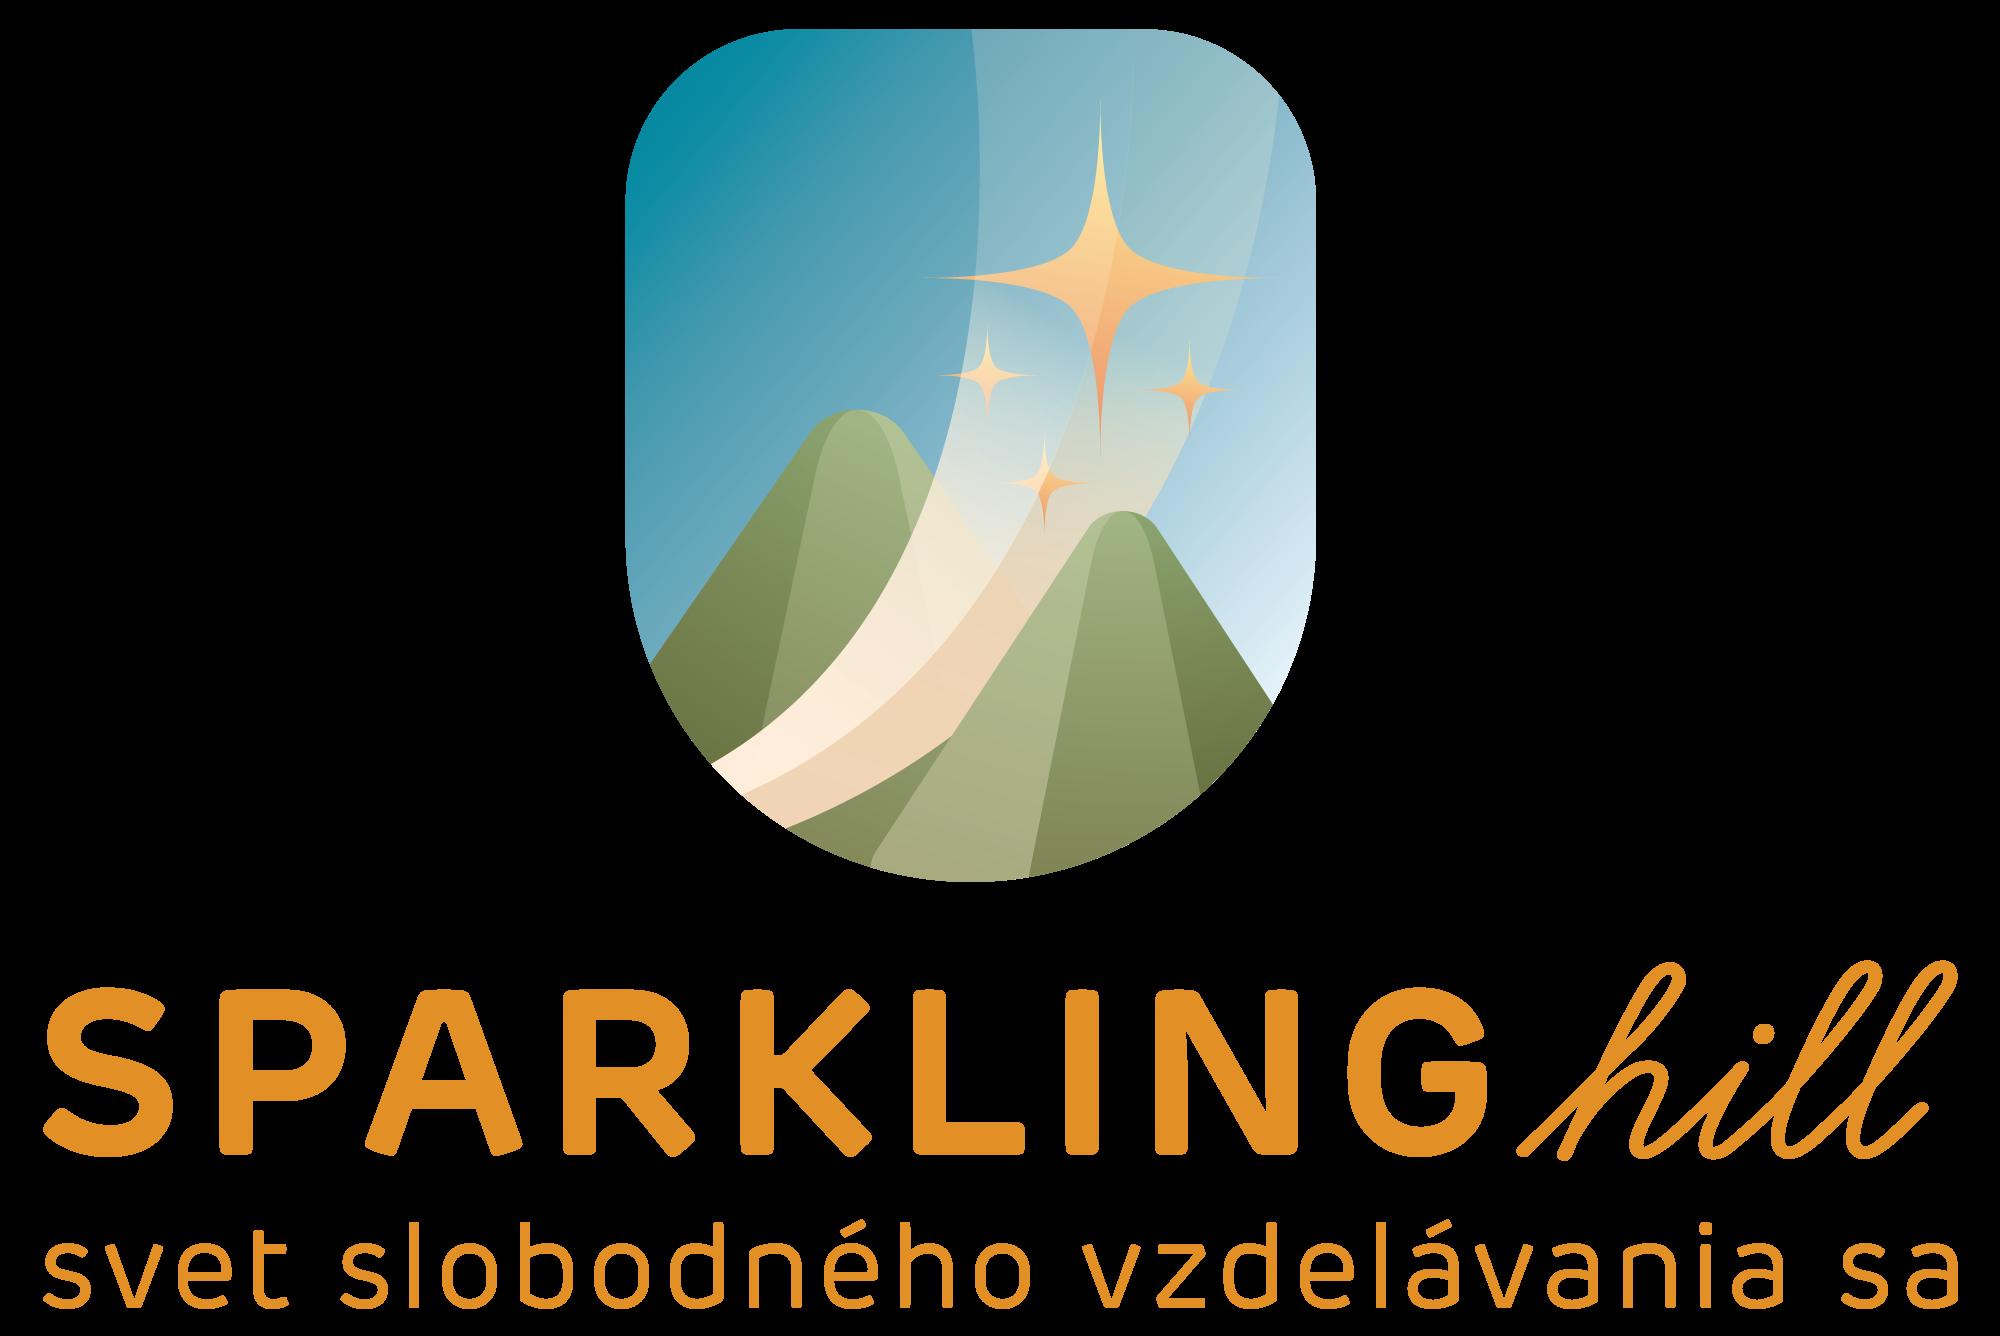 Sparkling Hill